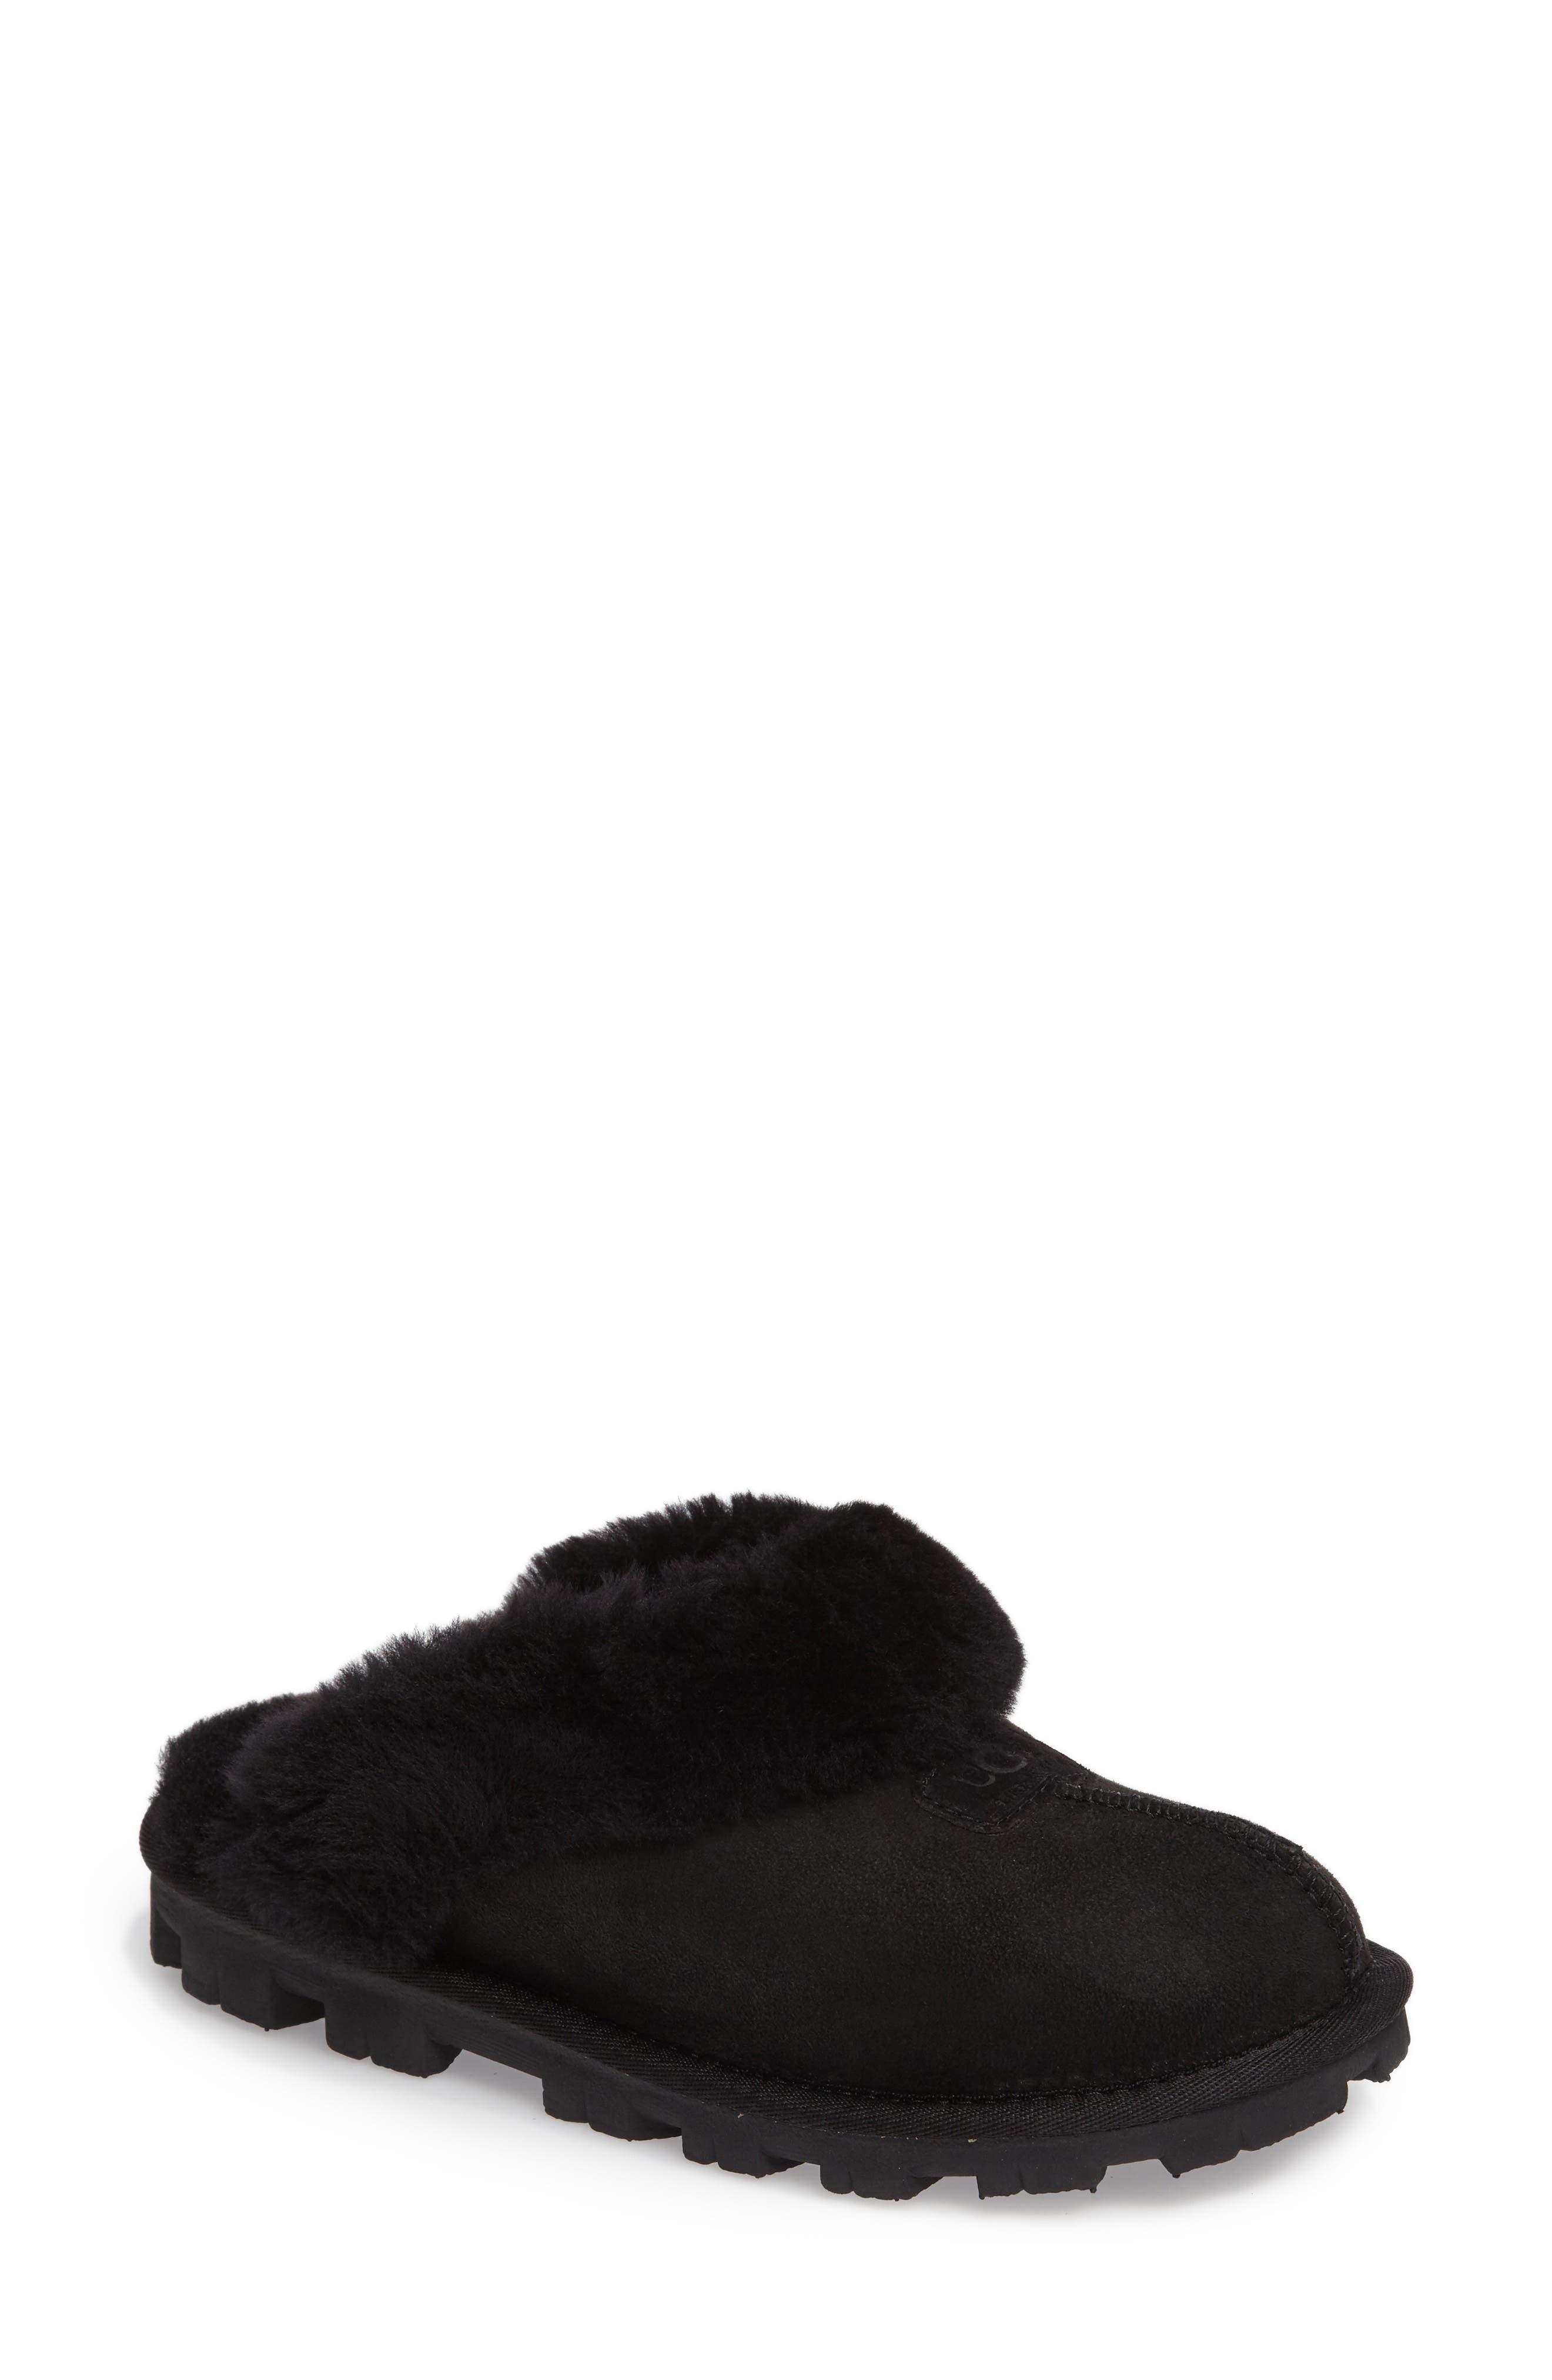 Coquette Shearling Mule Slipper in Black